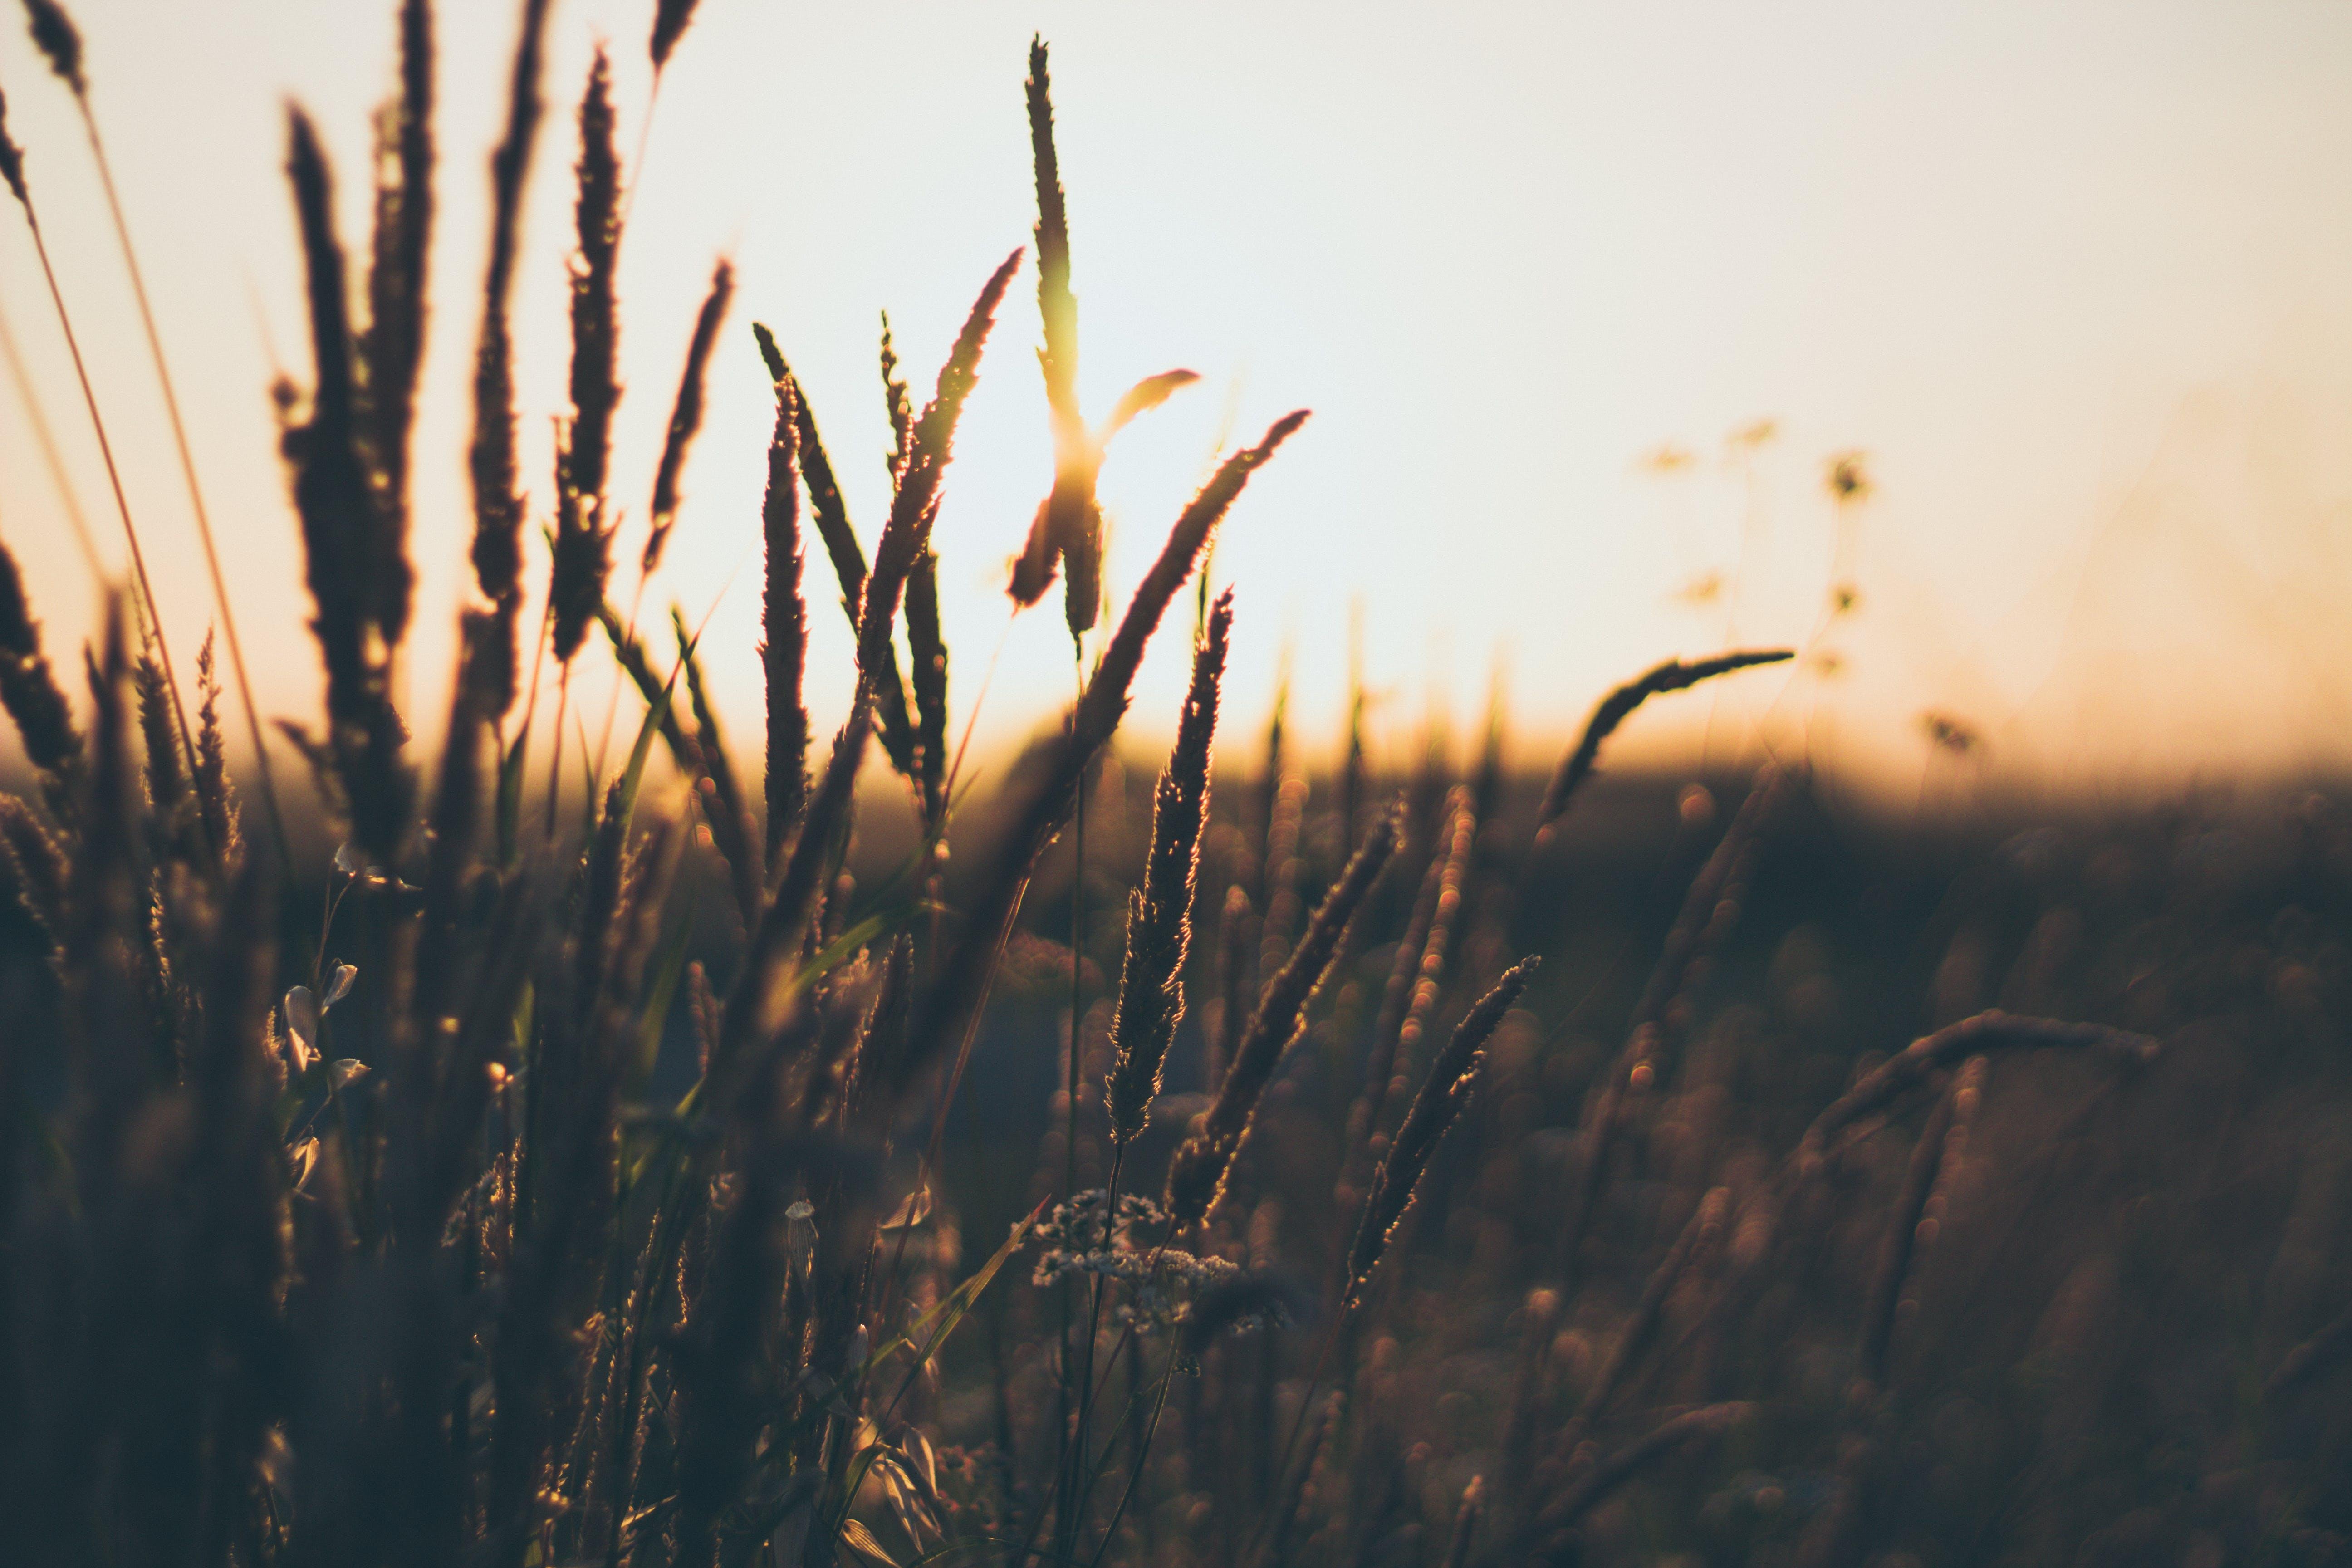 Бесплатное стоковое фото с восход, закат, луг, предзакатный час